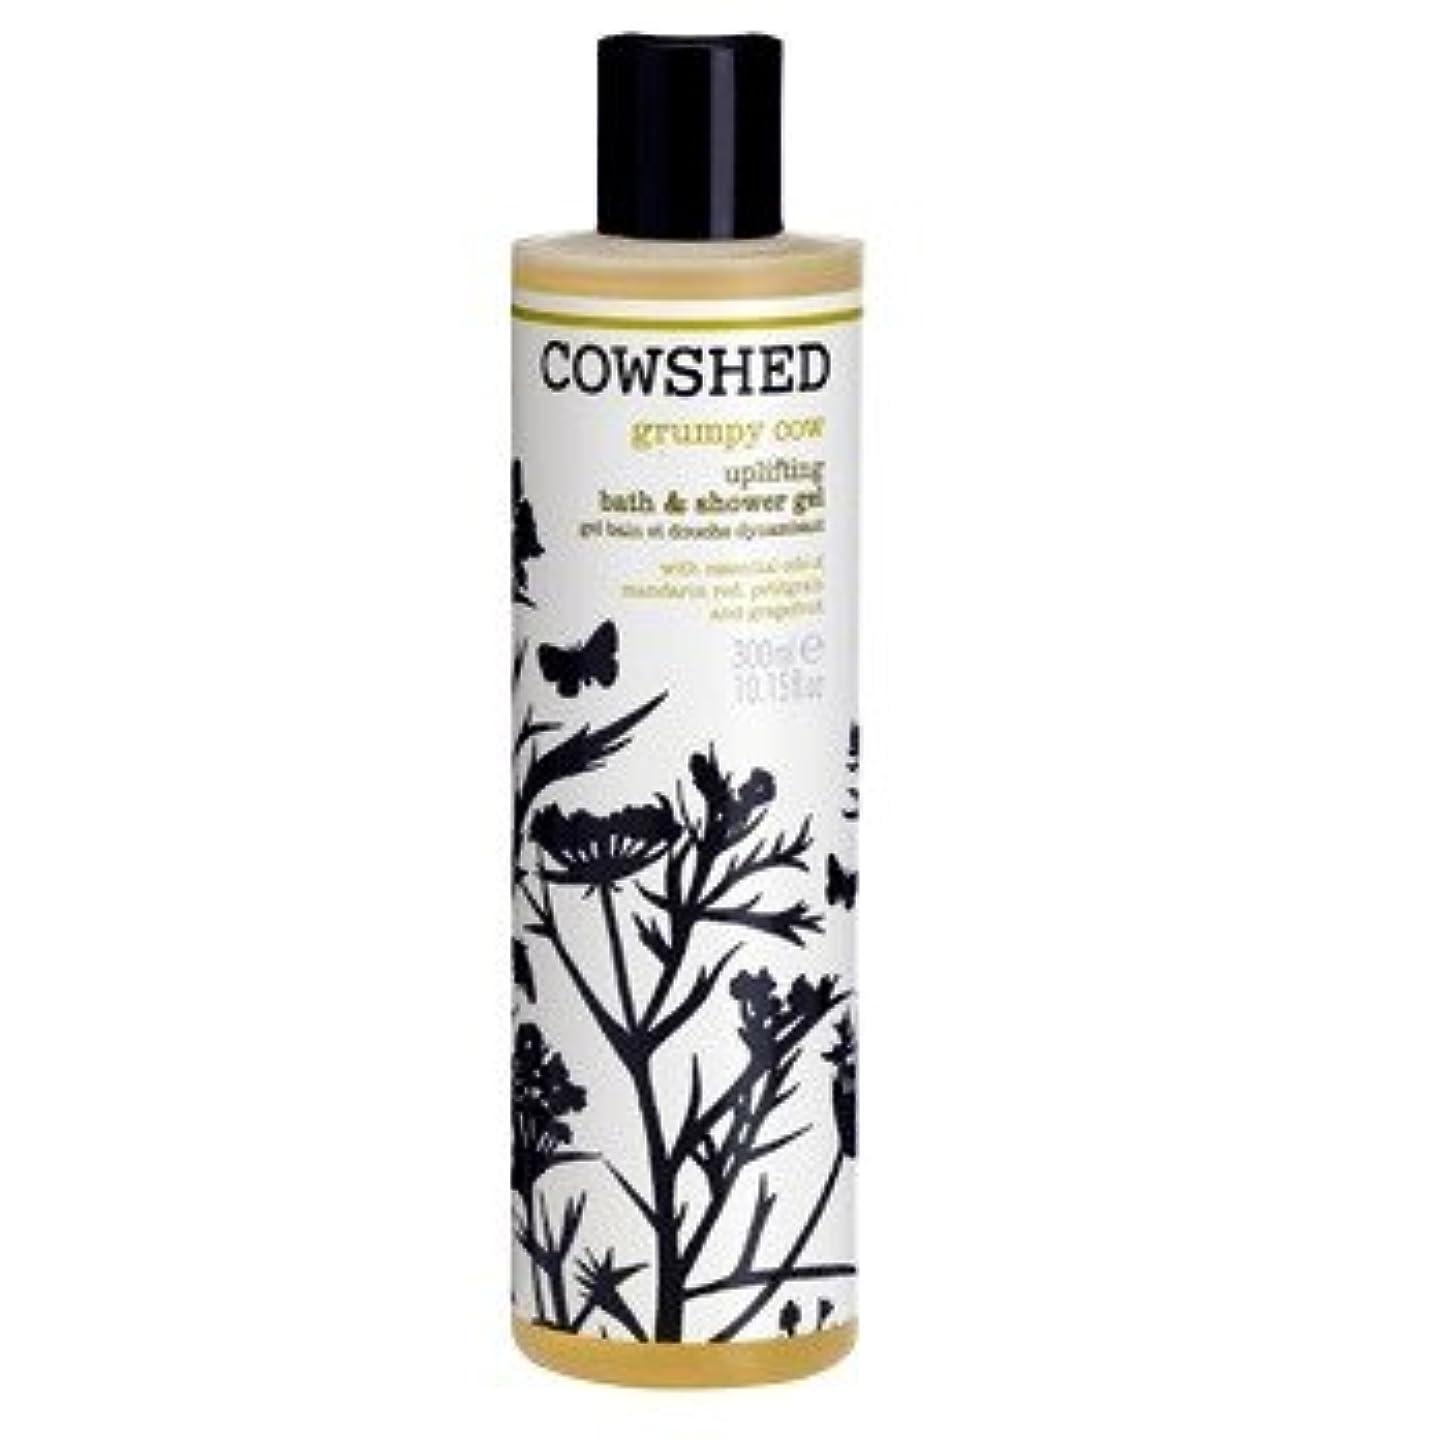 残り物ヒロイック満たす牛舎気難しい牛高揚バス&シャワージェル300ミリリットル (Cowshed) - Cowshed Grumpy Cow Uplifting Bath & Shower Gel 300ml [並行輸入品]